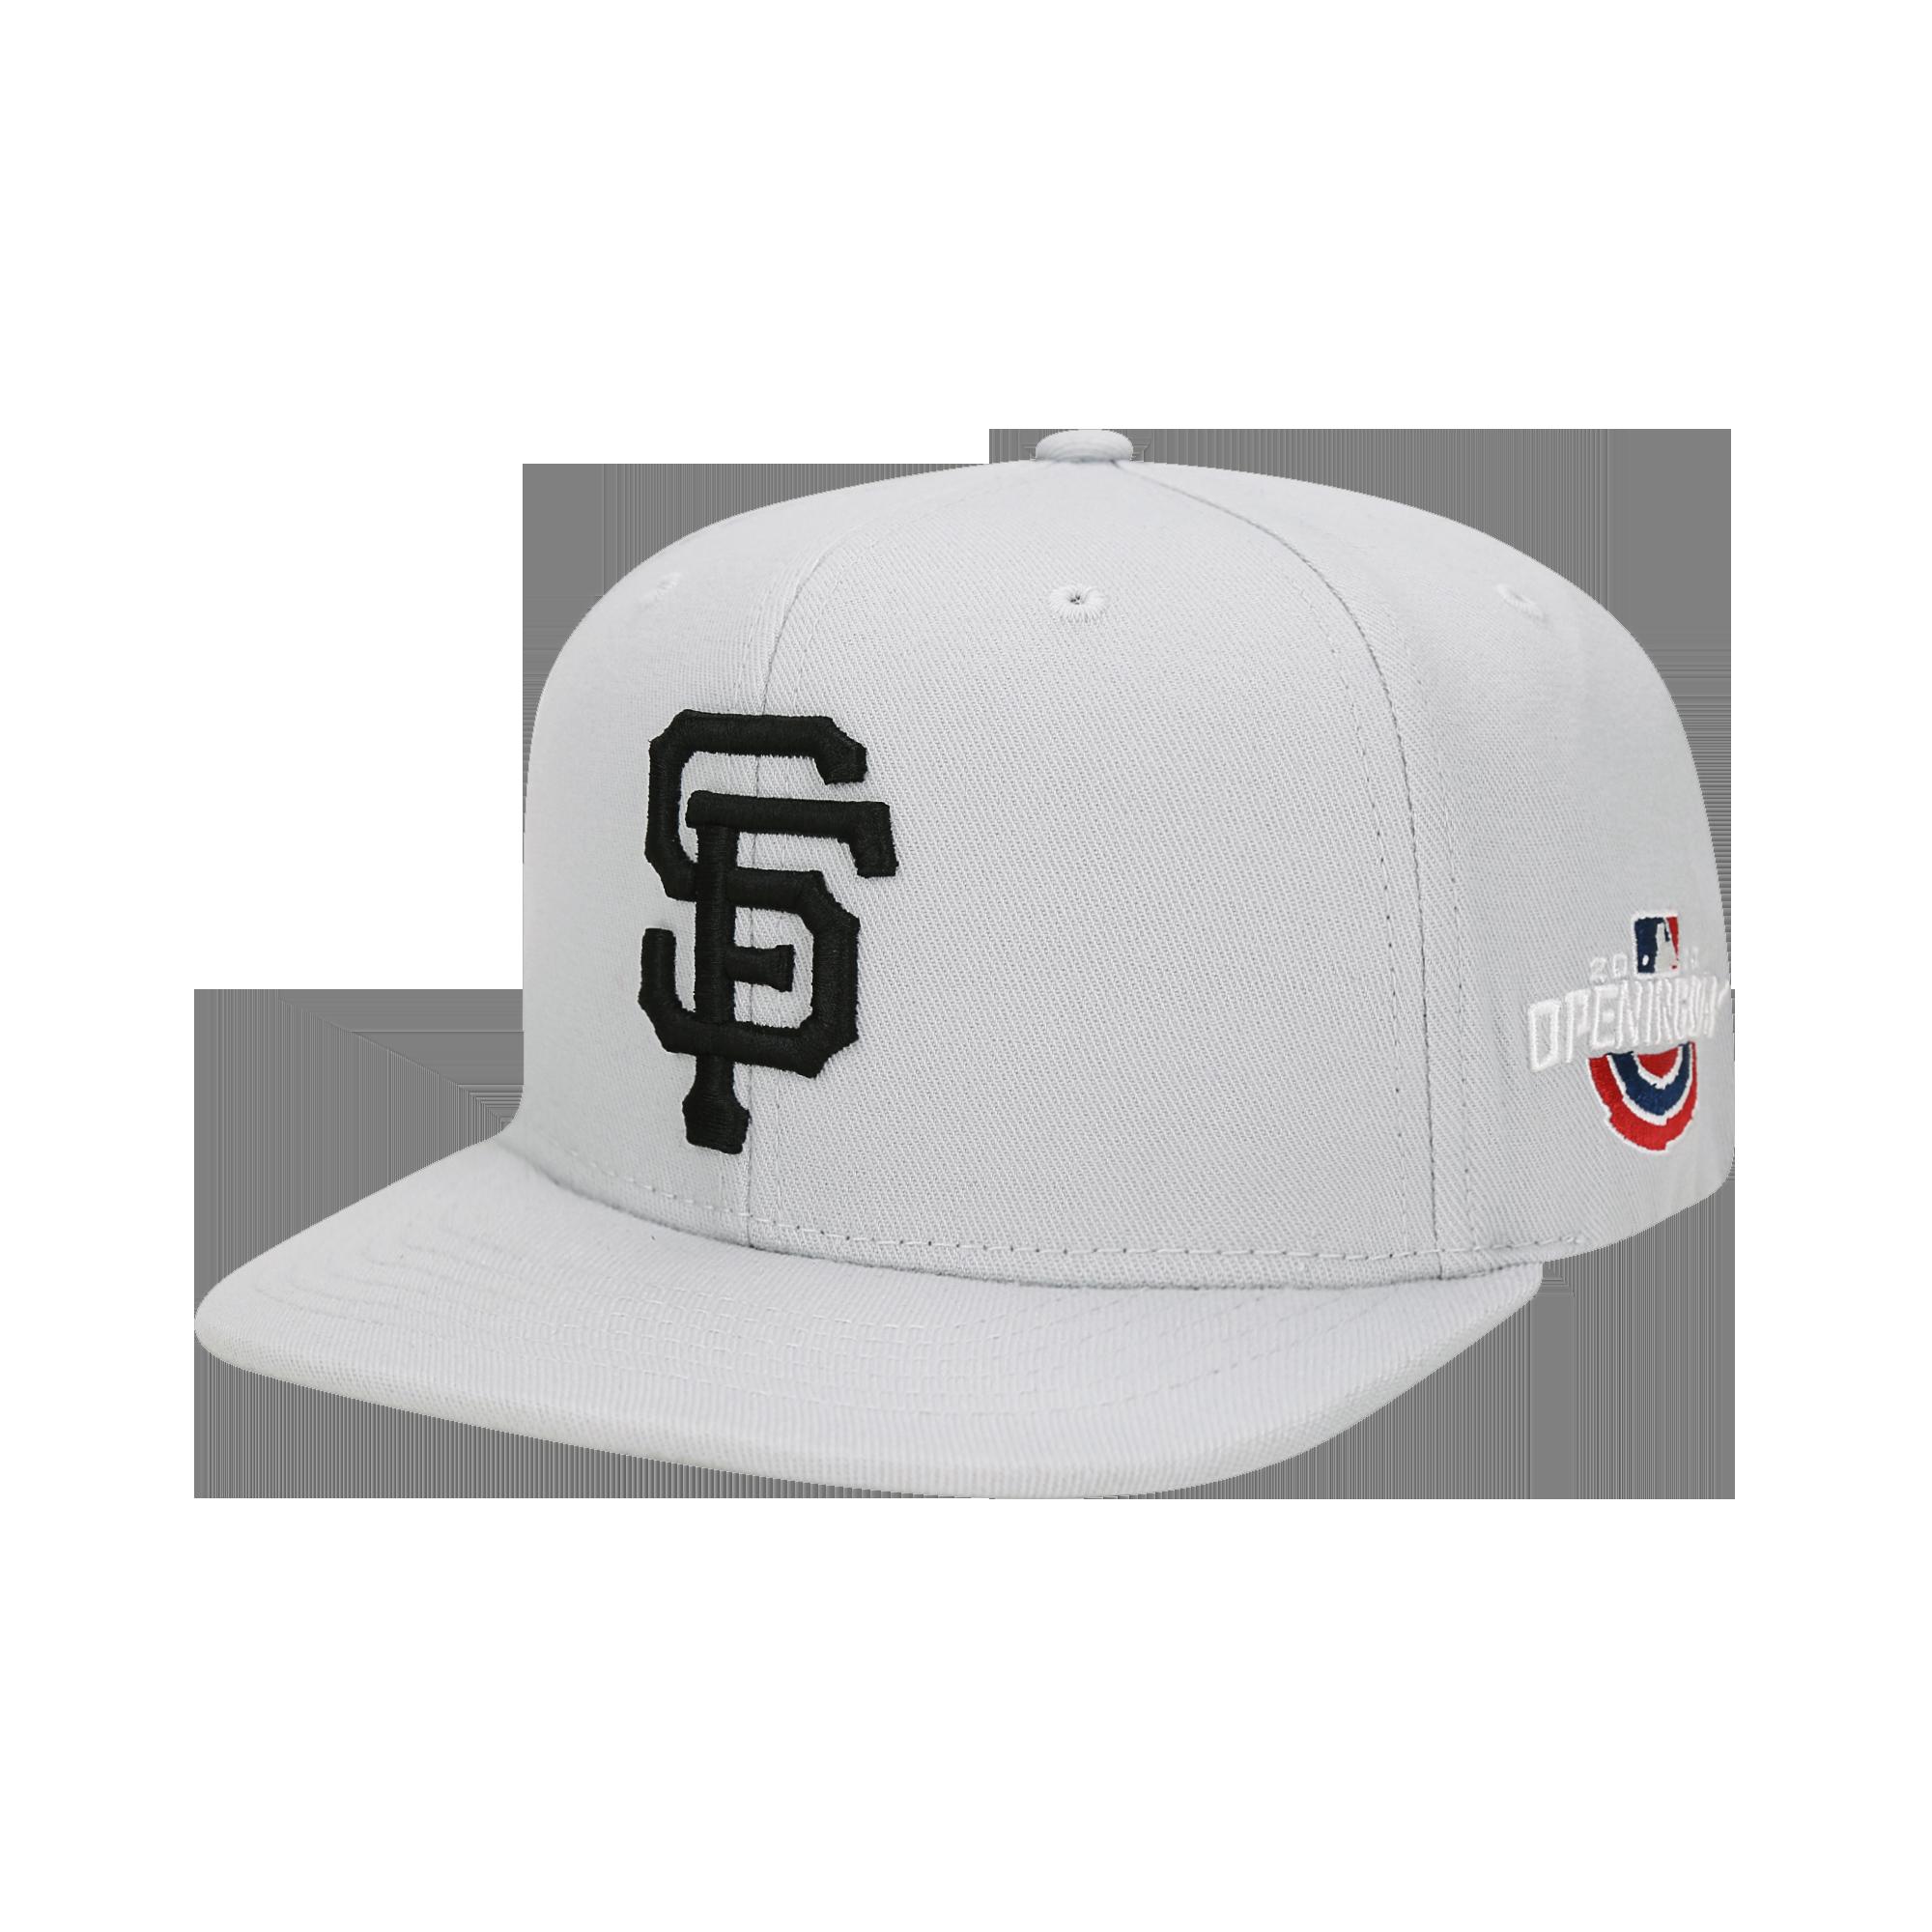 2020 오프닝데이 스냅백 샌프란시스코 자이언츠